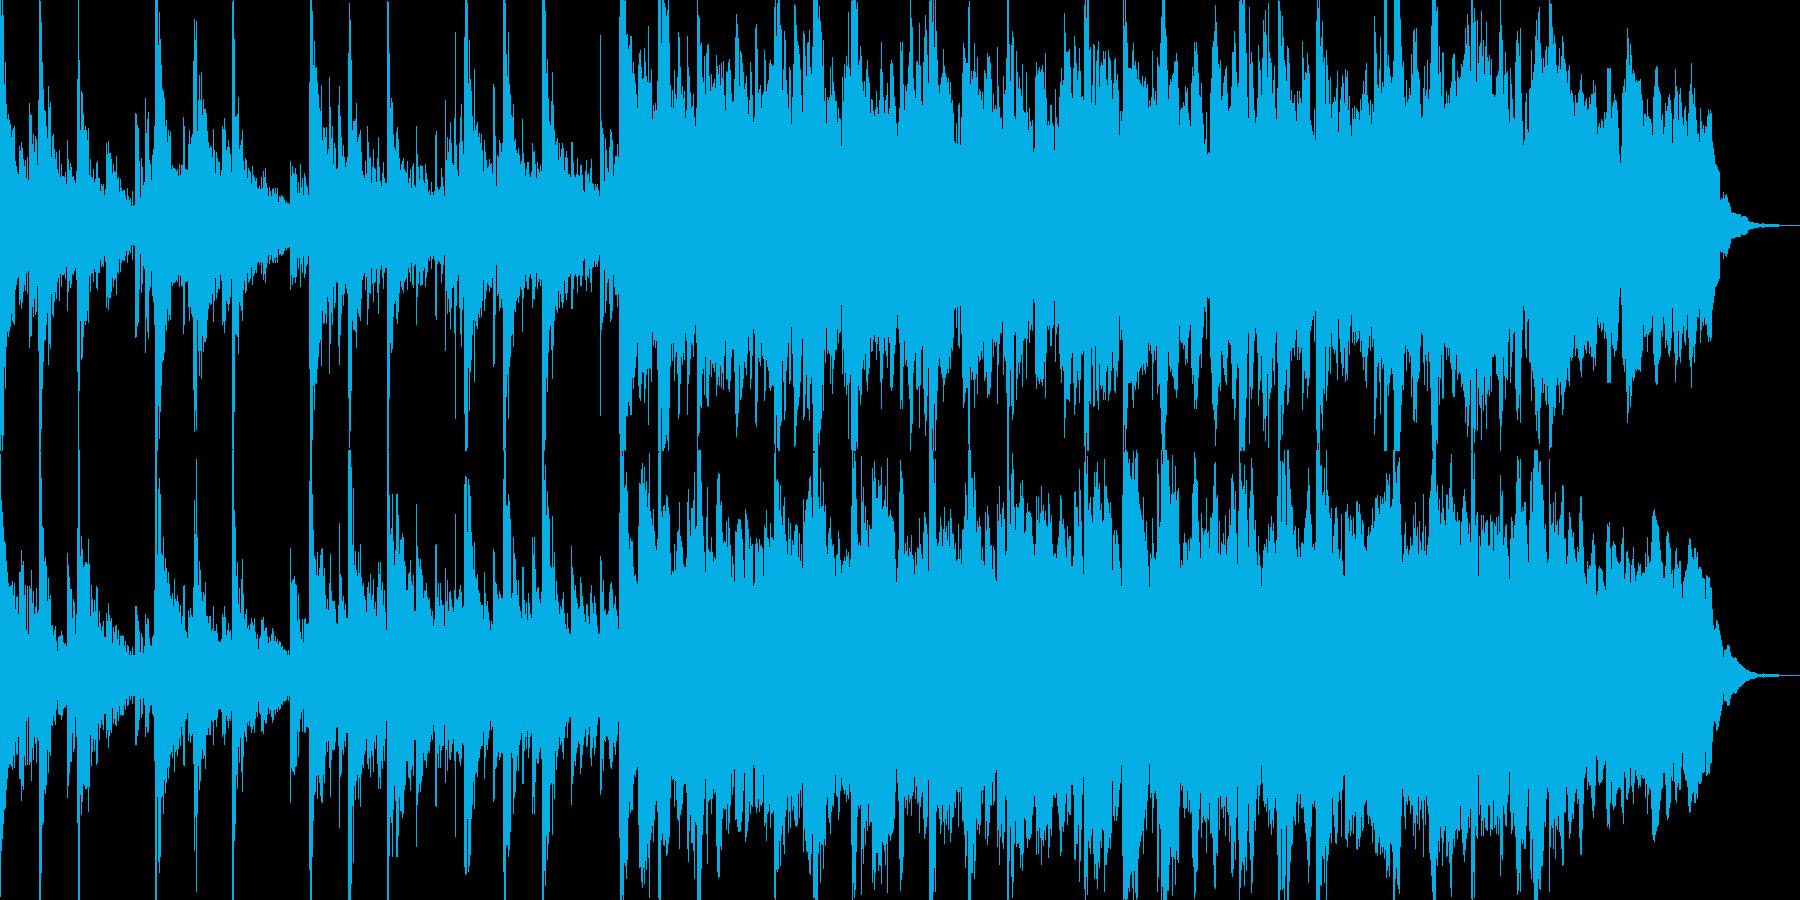 得体の知れない事が起きている時の曲の再生済みの波形